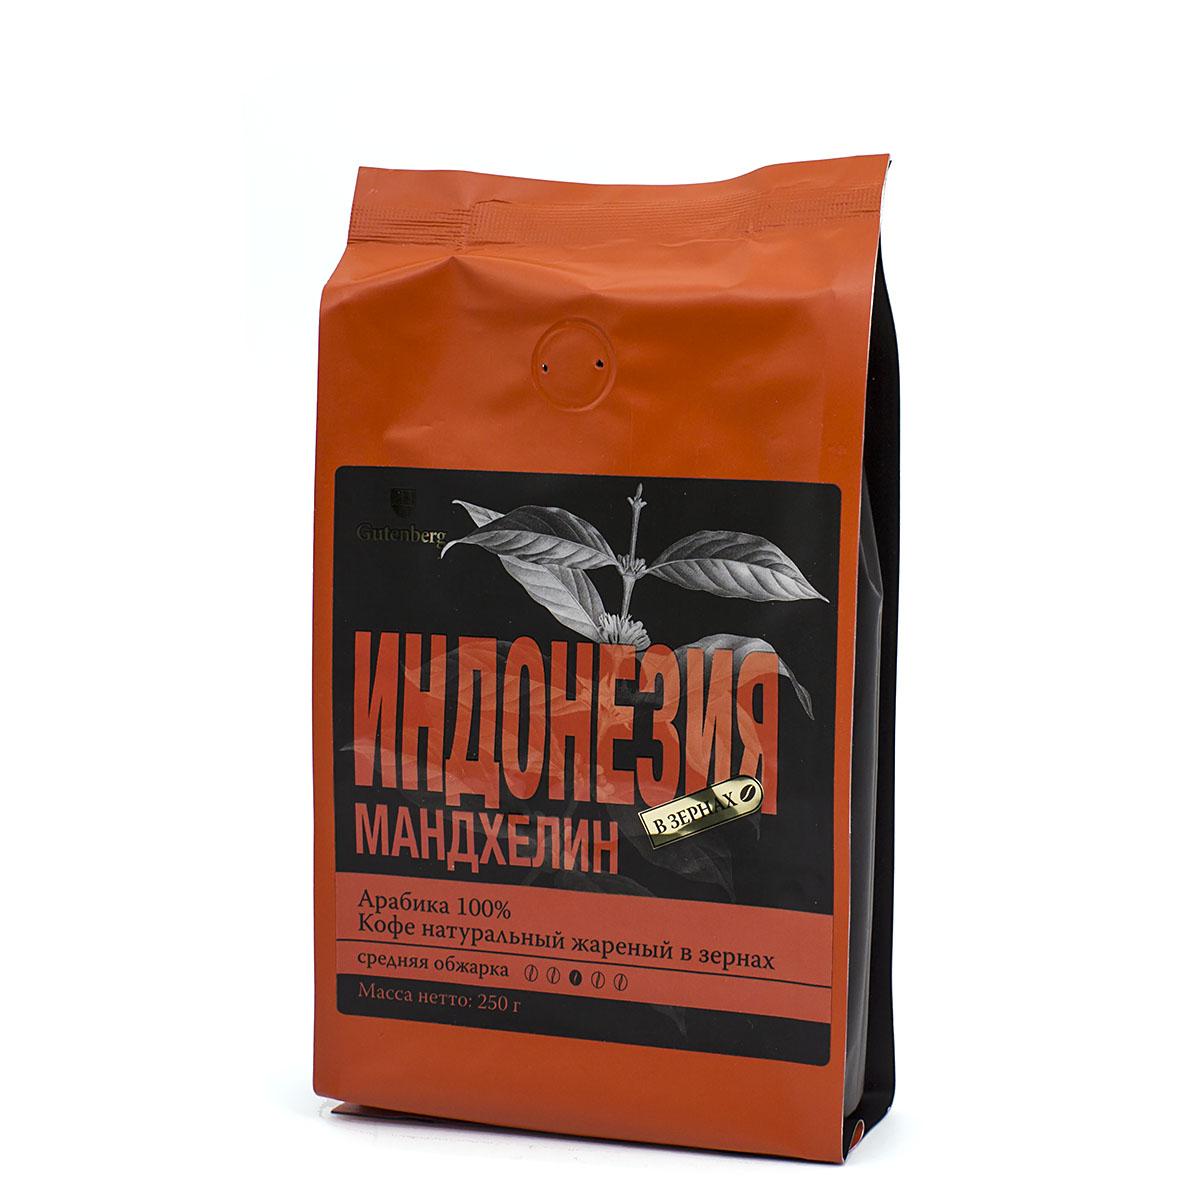 Кофе в зернах Индонезия Мандхелин, 250 г